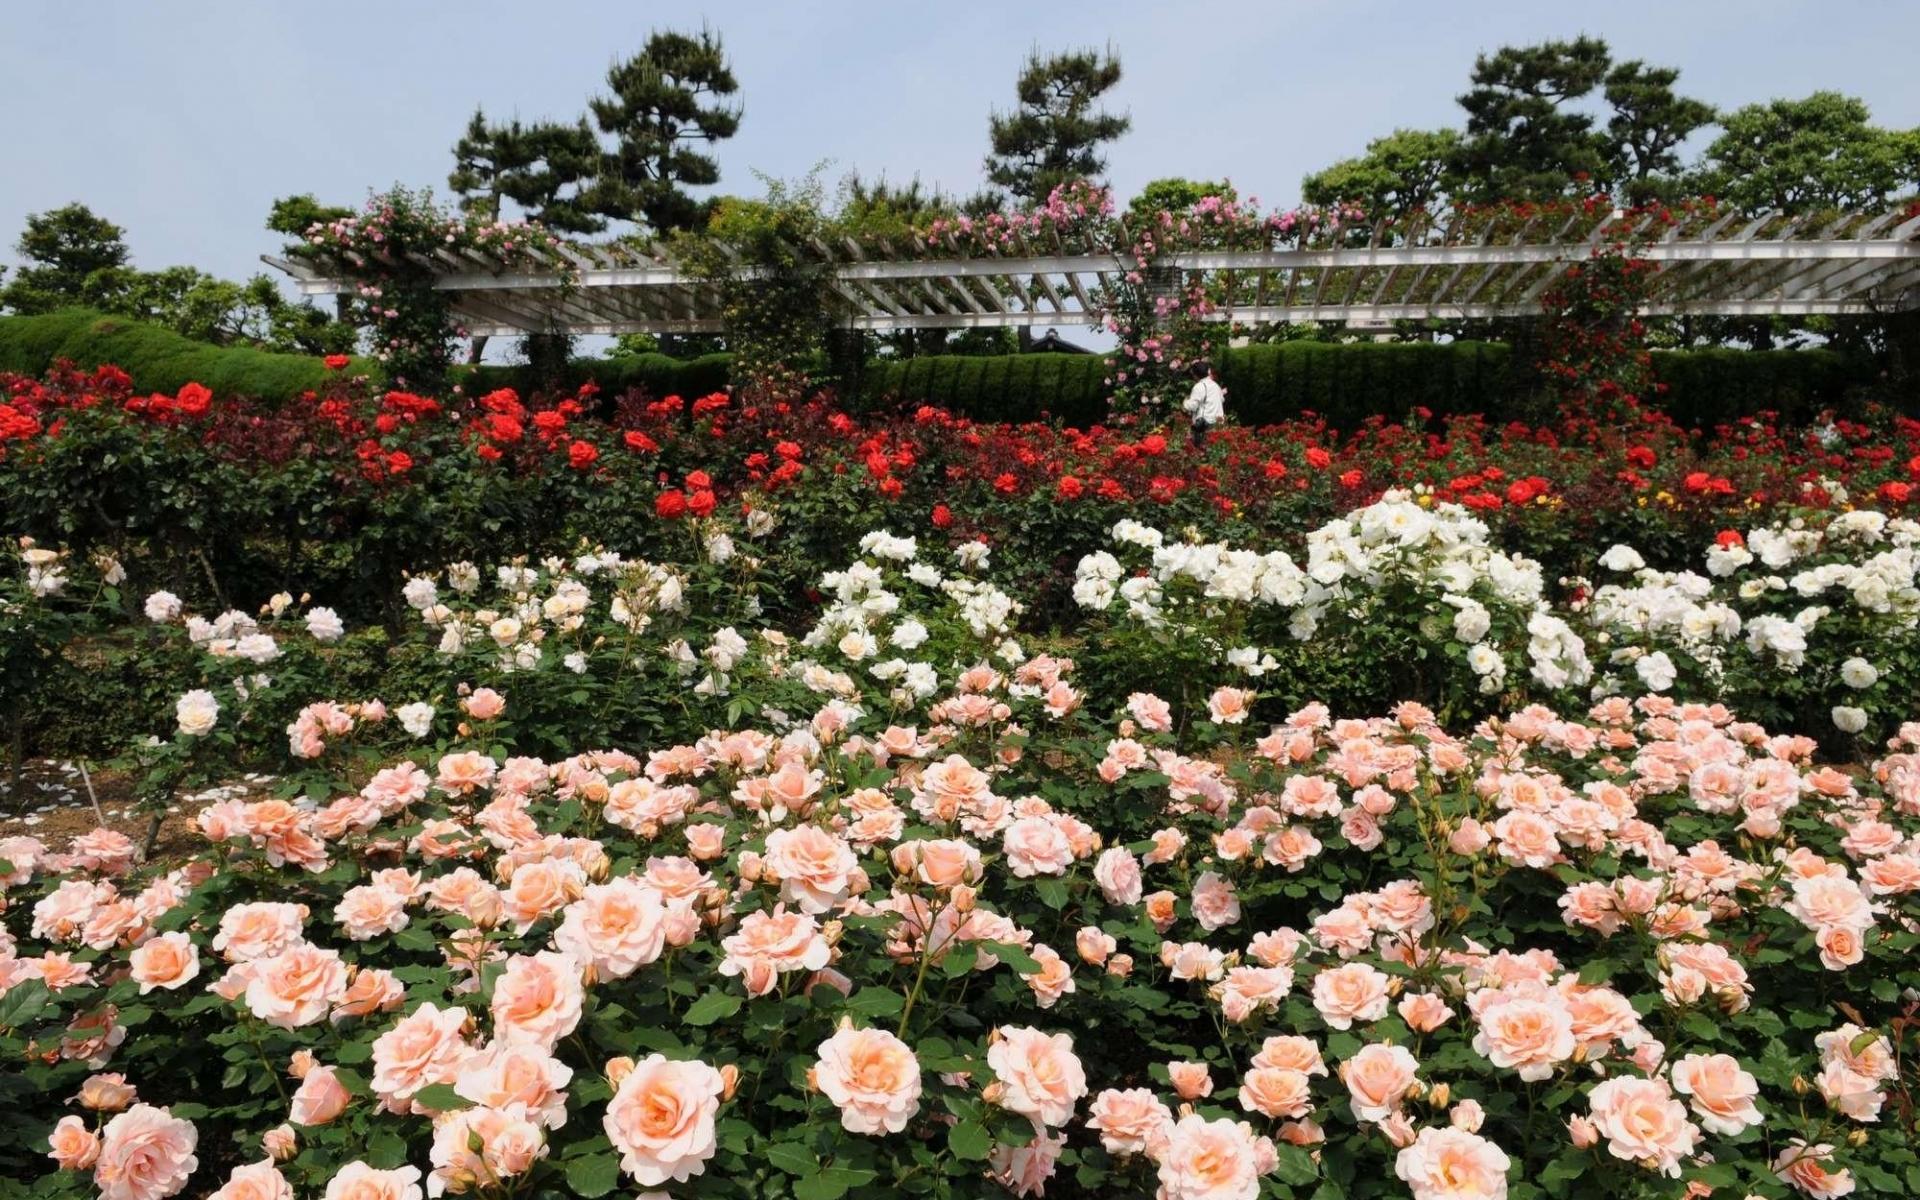 Картинки Розы, цветы, много, кустарник, сад, зелень фото и обои на рабочий стол